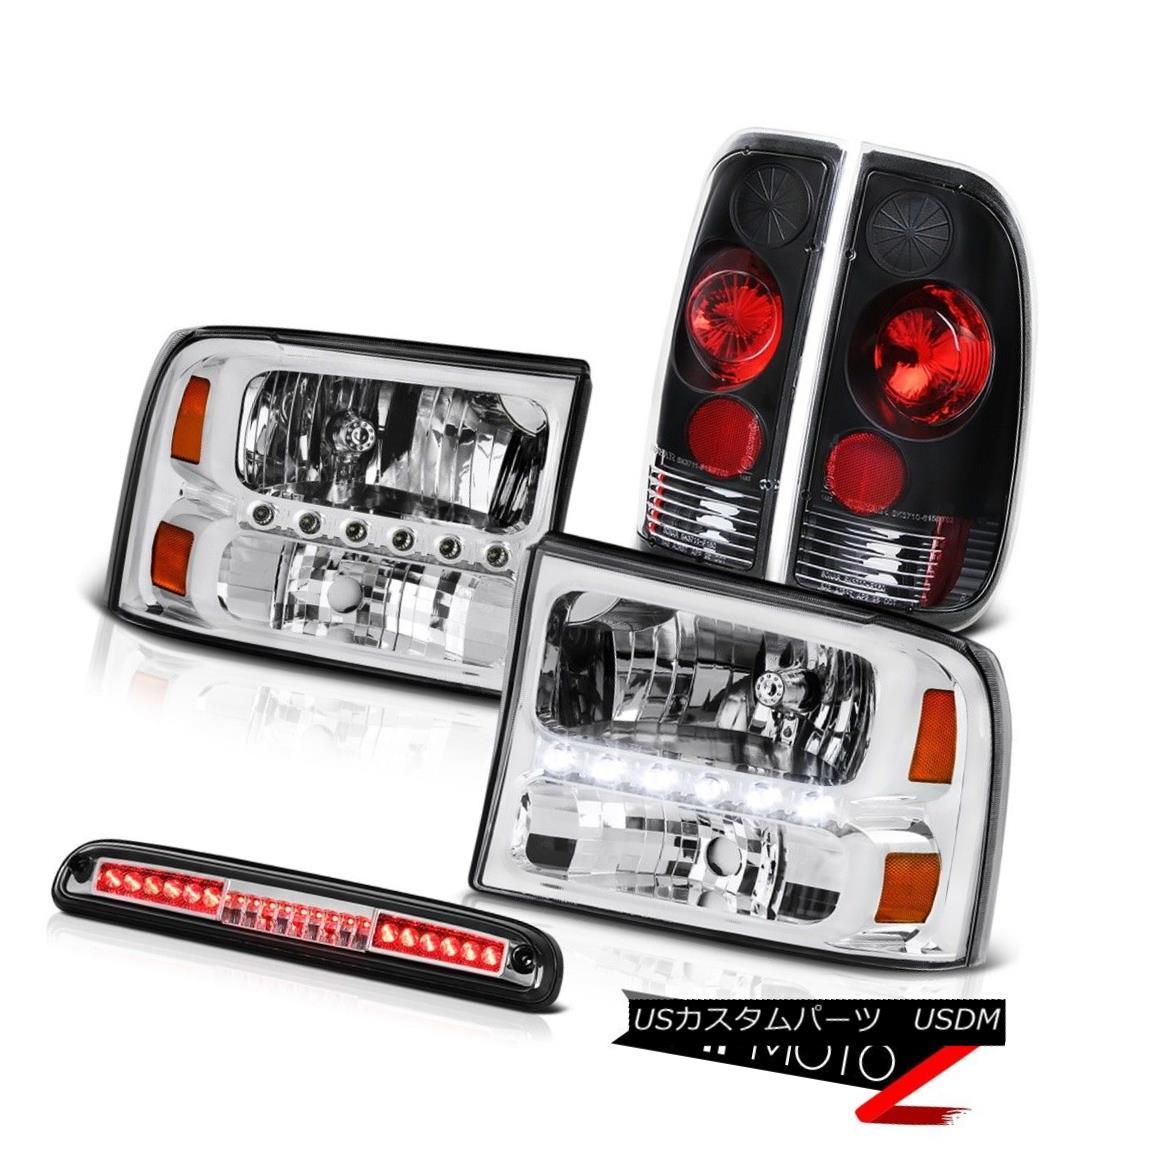 ヘッドライト Euro Chrome Headlights Black Tail Light High Stop LED 1999-2004 F350 King Ranch ユーロクロームヘッドライトブラックテールライトハイストップLED 1999-2004 F350キングランチ